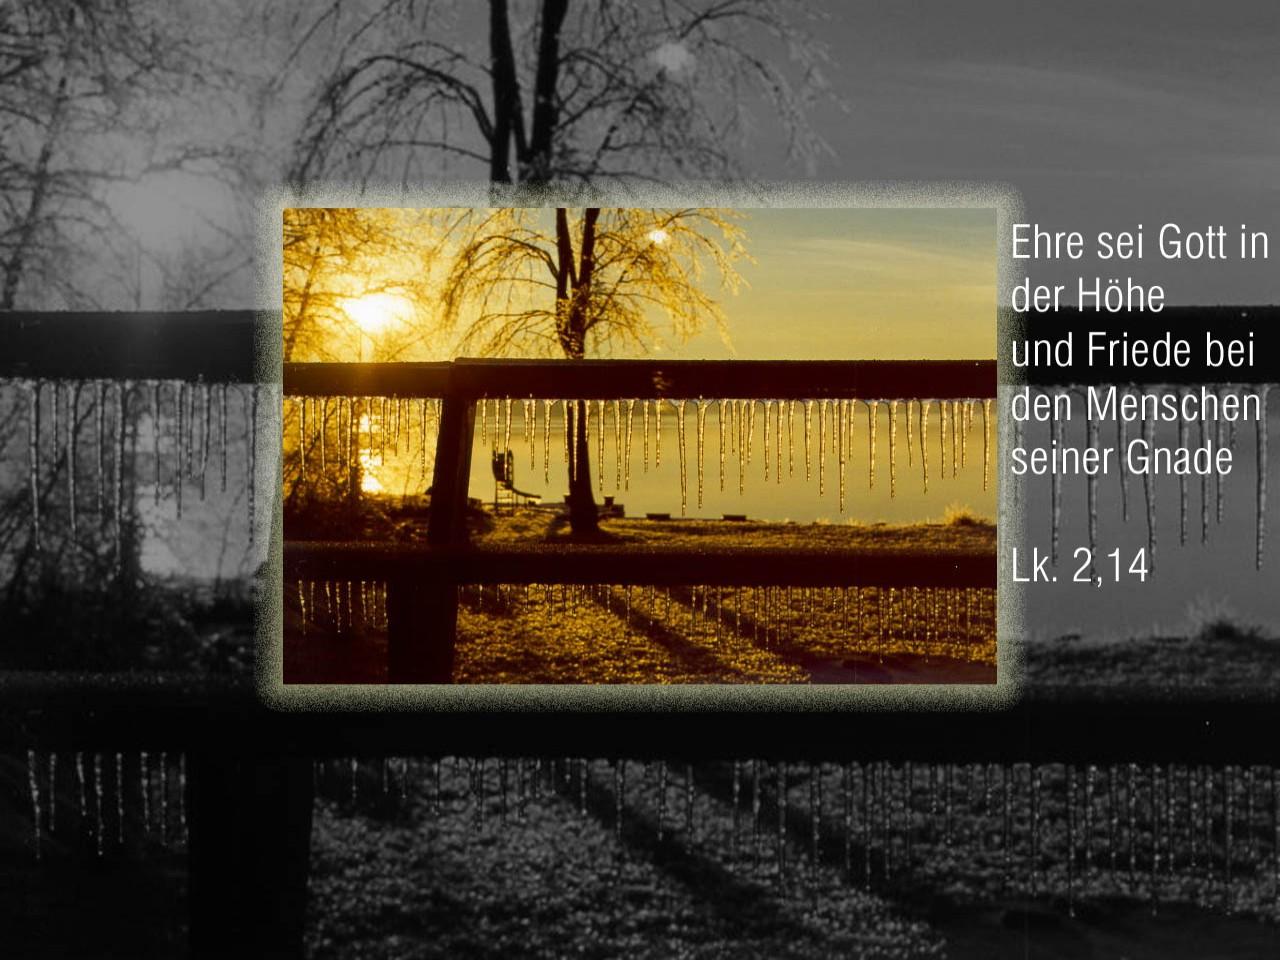 Ehre sei gott in der h he christliche hintergrundbilder - Christliche hintergrundbilder ...